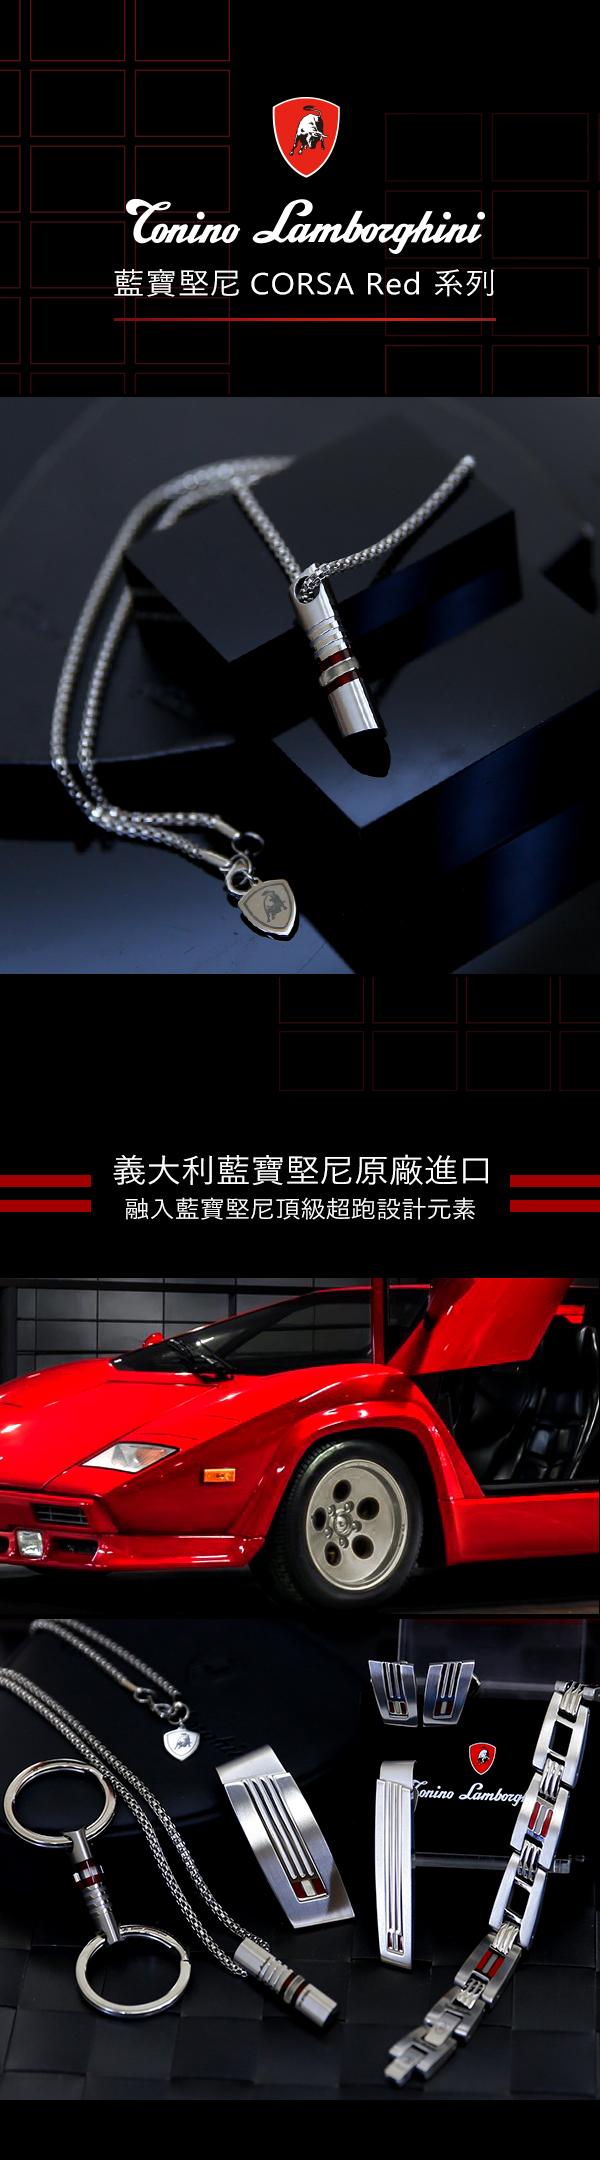 藍寶堅尼Lamborghini|CORSA Red |項鍊